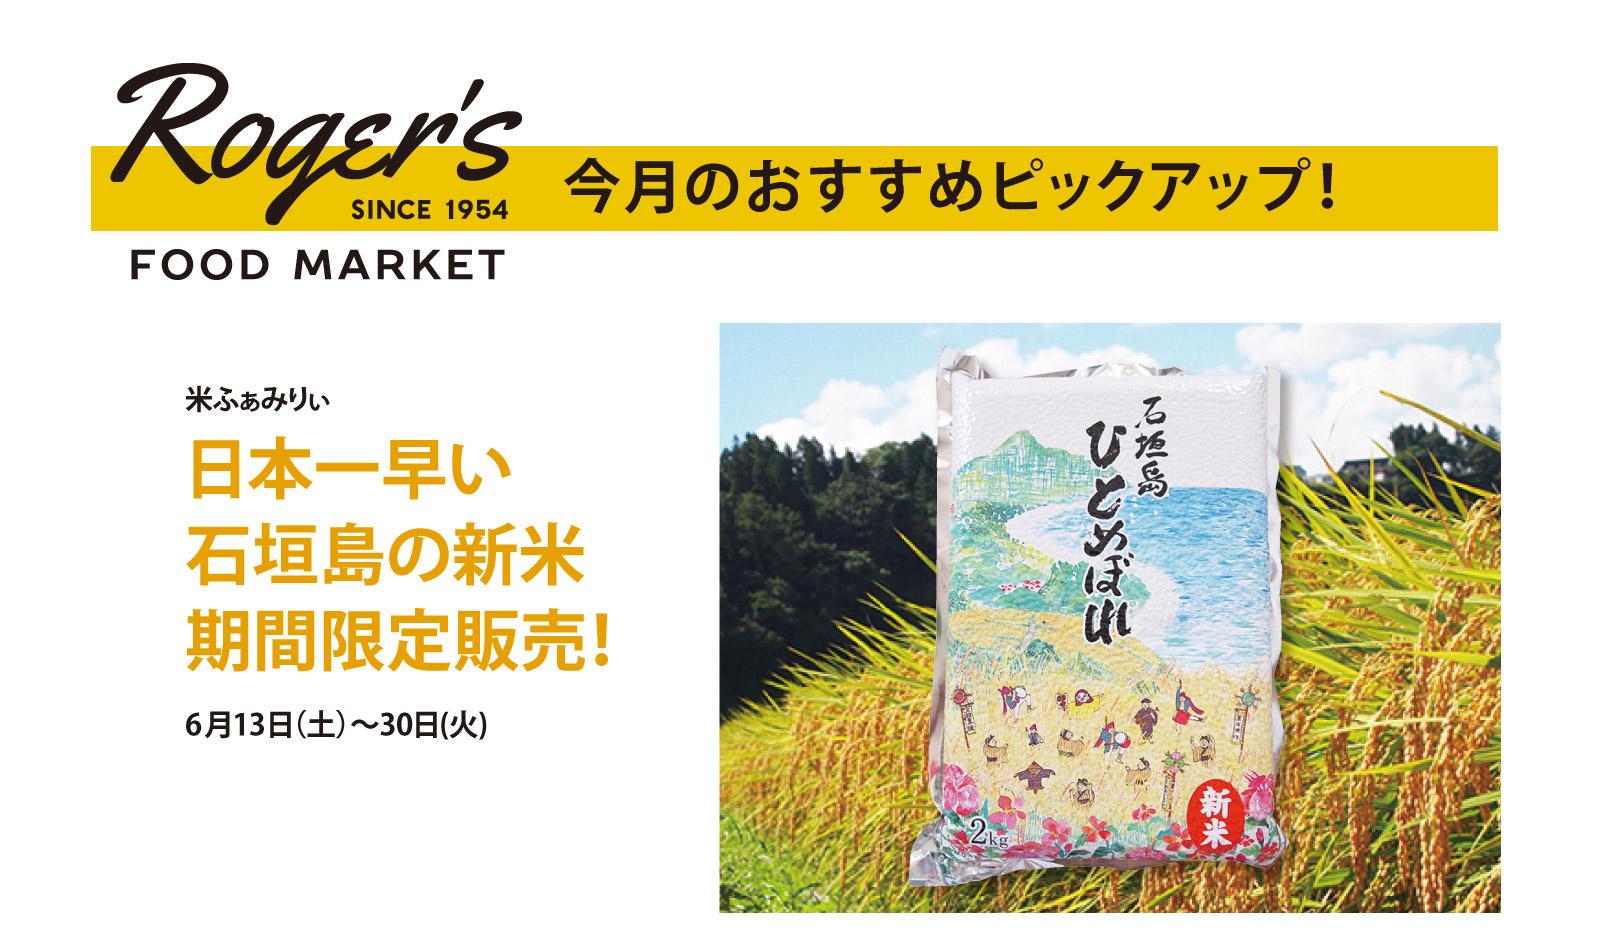 日本一早い石垣島の新米! 6月13日(土)〜30日(火) 期間限定販売!